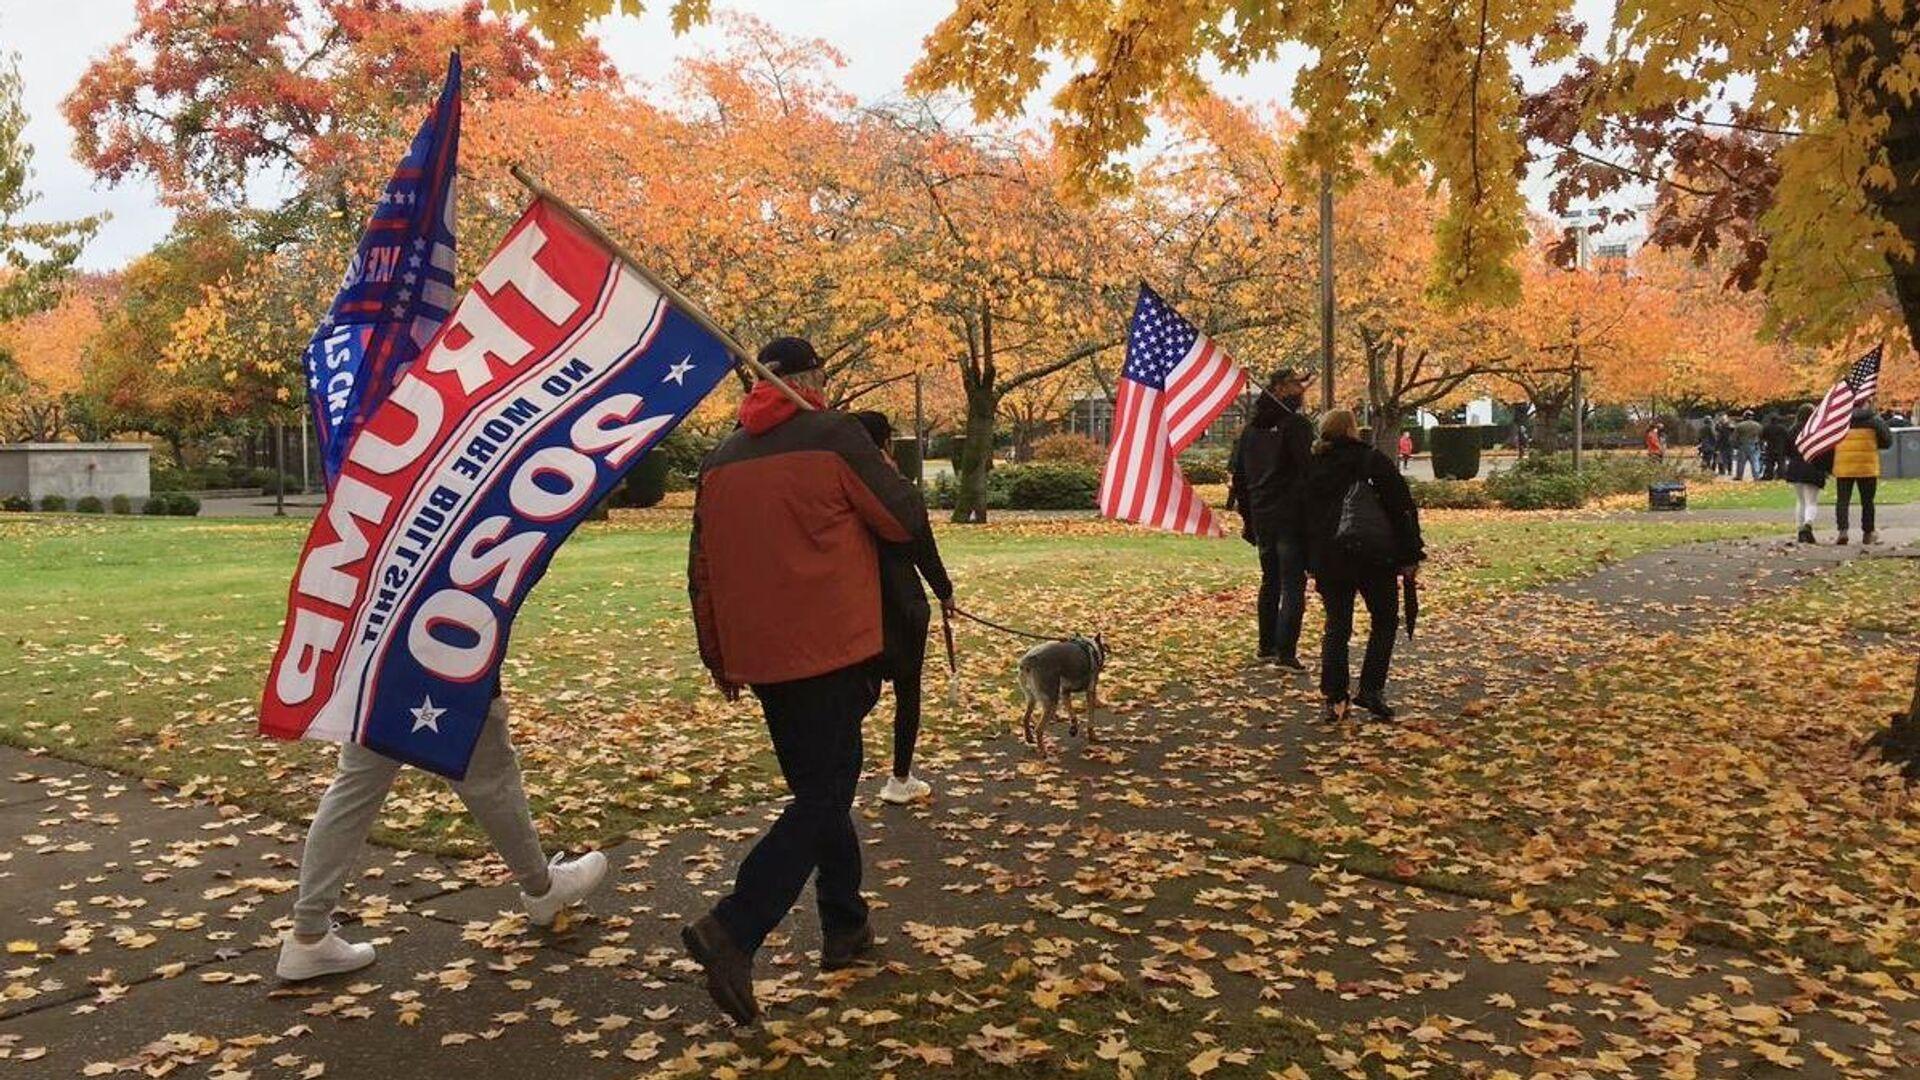 Митинг в поддержку действующего президента США Дональда Трампа в Салеме, столице штата Орегон - РИА Новости, 1920, 01.12.2020